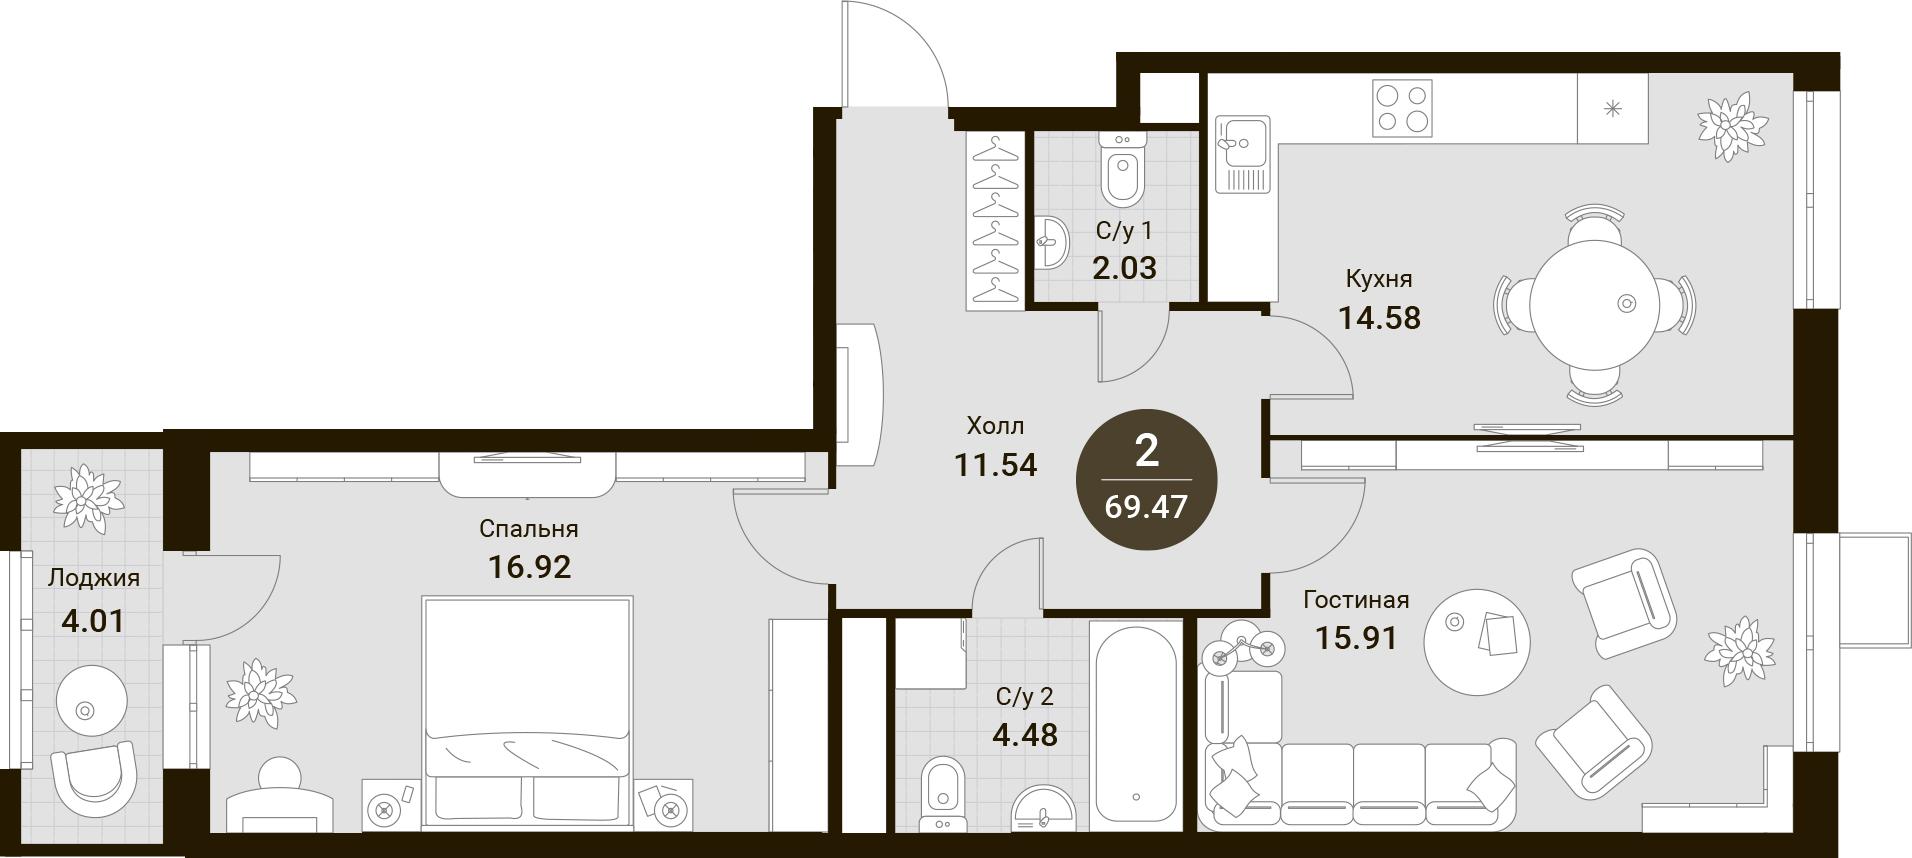 2-комнатная, 69.47 м²– 2